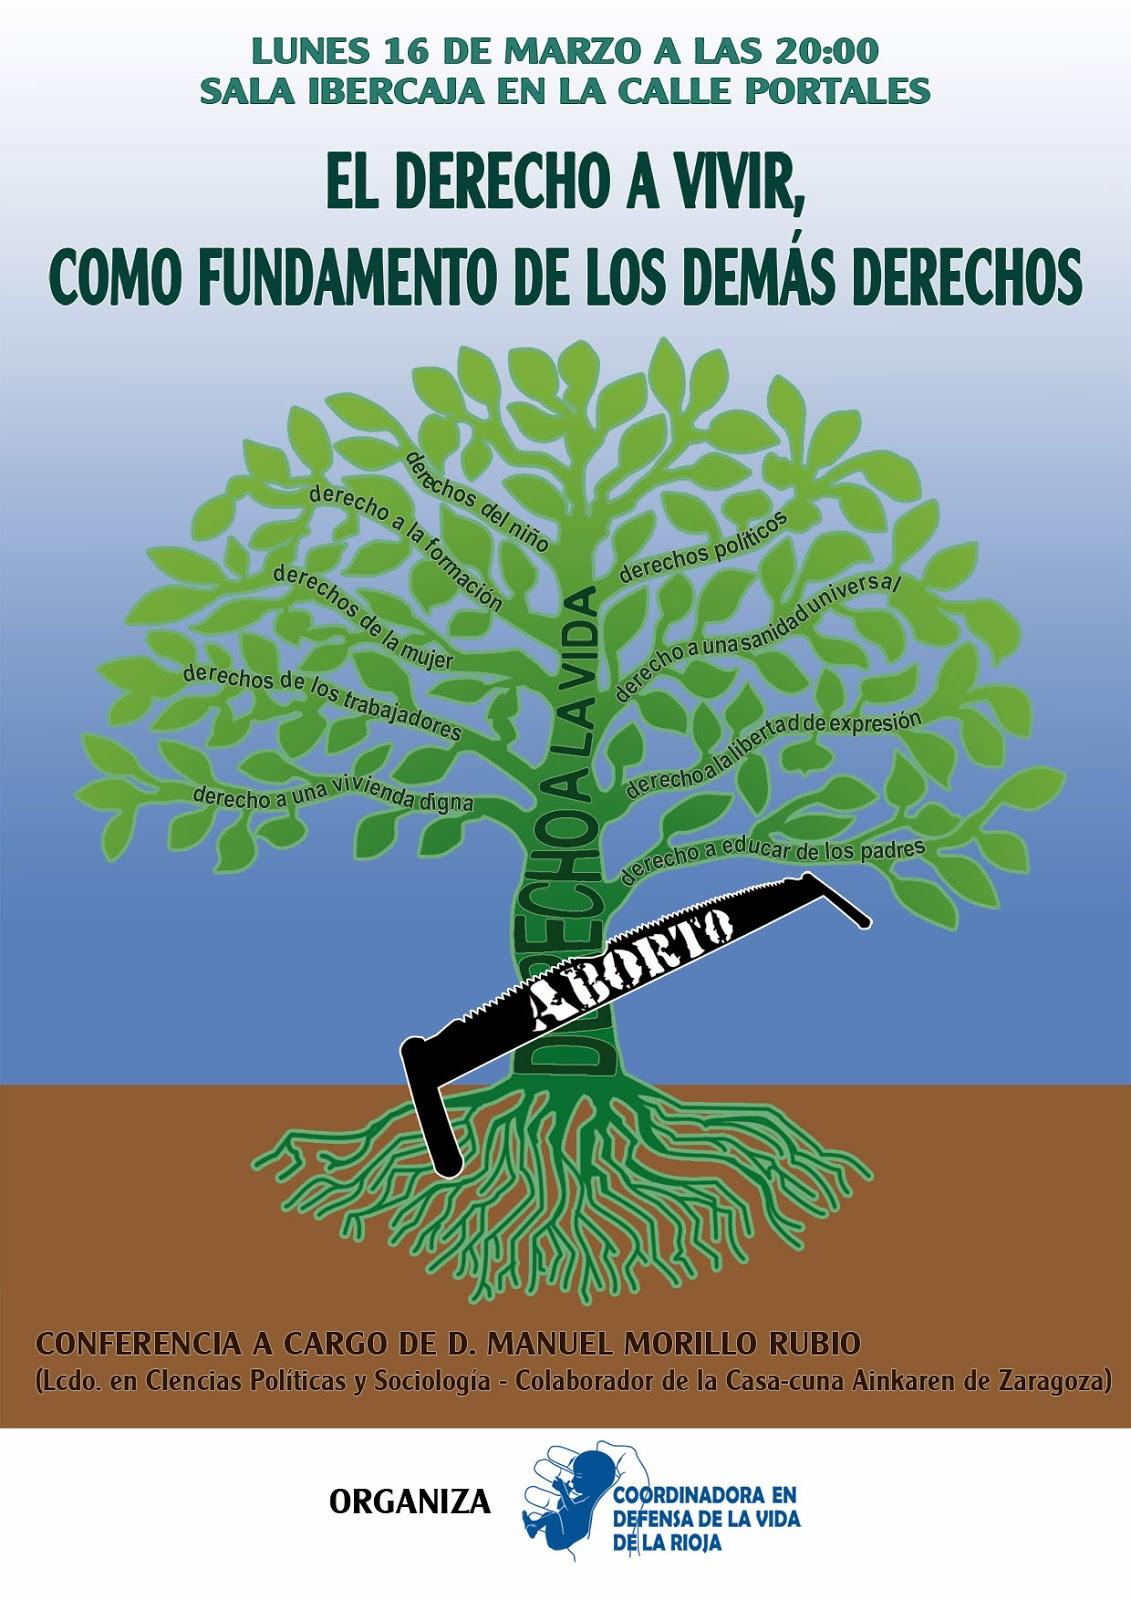 Un árbol cuyo tronco es el derecho a la vida y sus ramas el resto de derechos